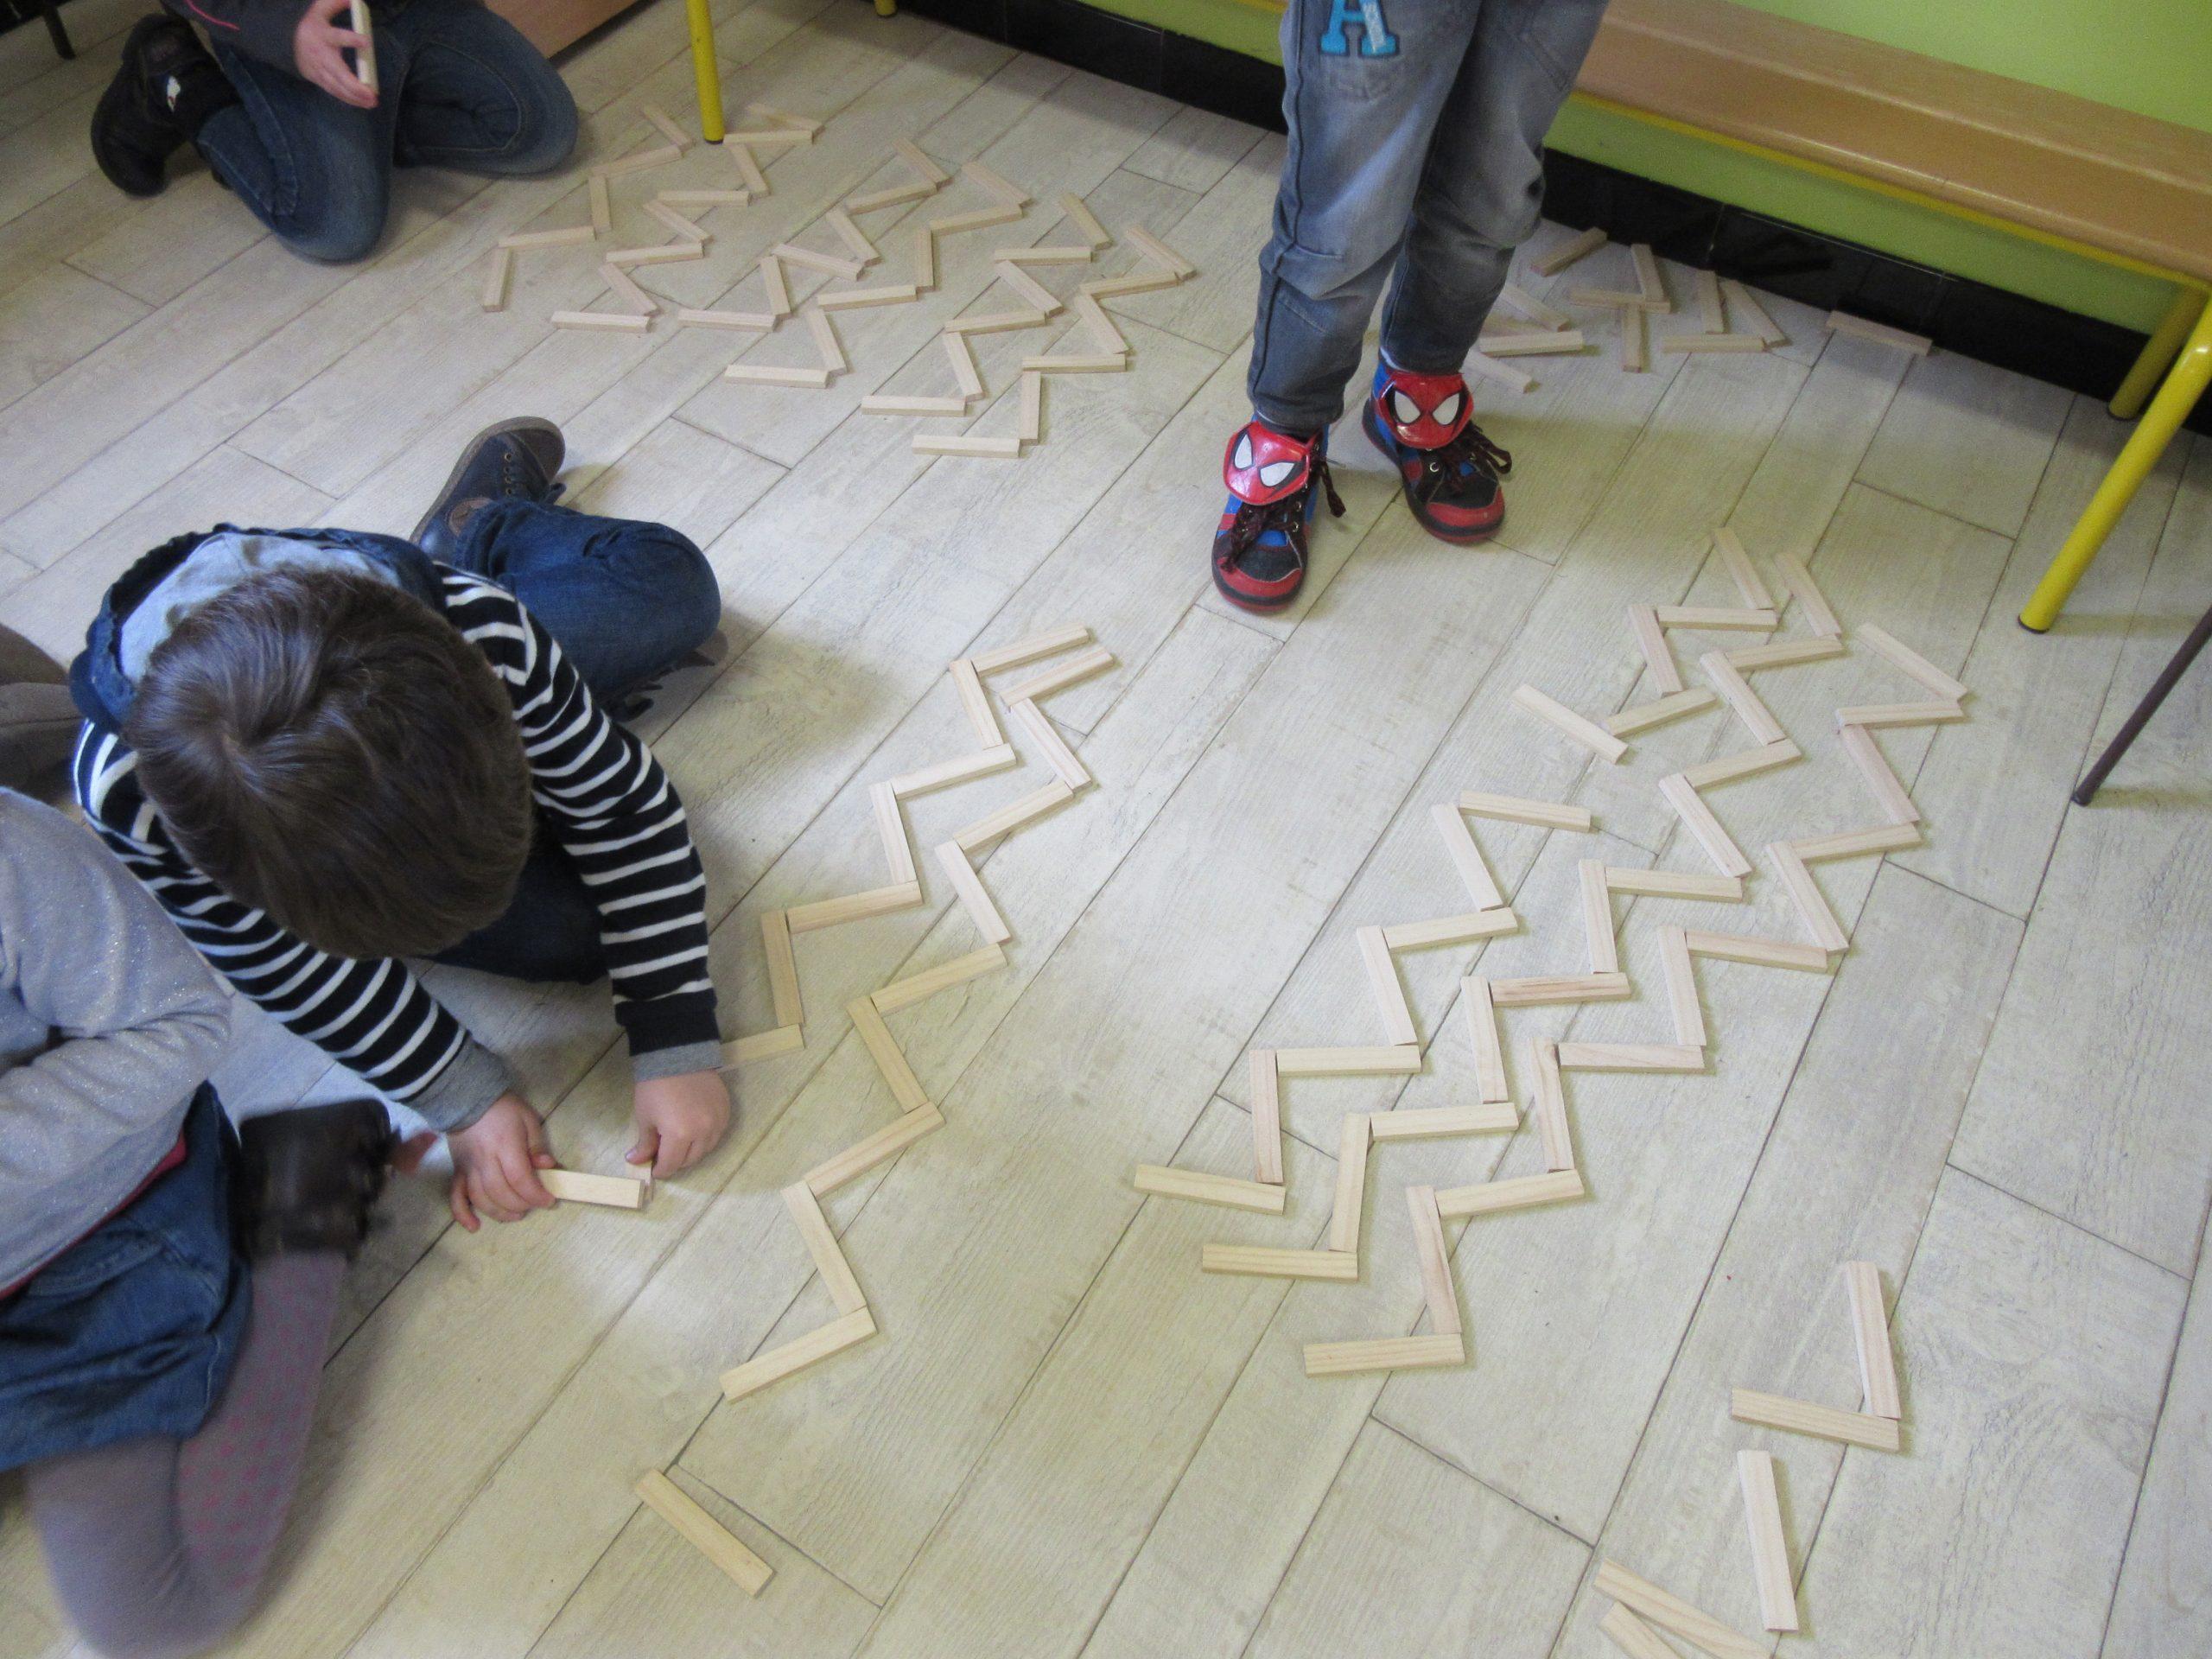 La Ligne Brisée Ms / Représentation Par Les Jeux En Classe destiné Jeux Maternelle En Ligne